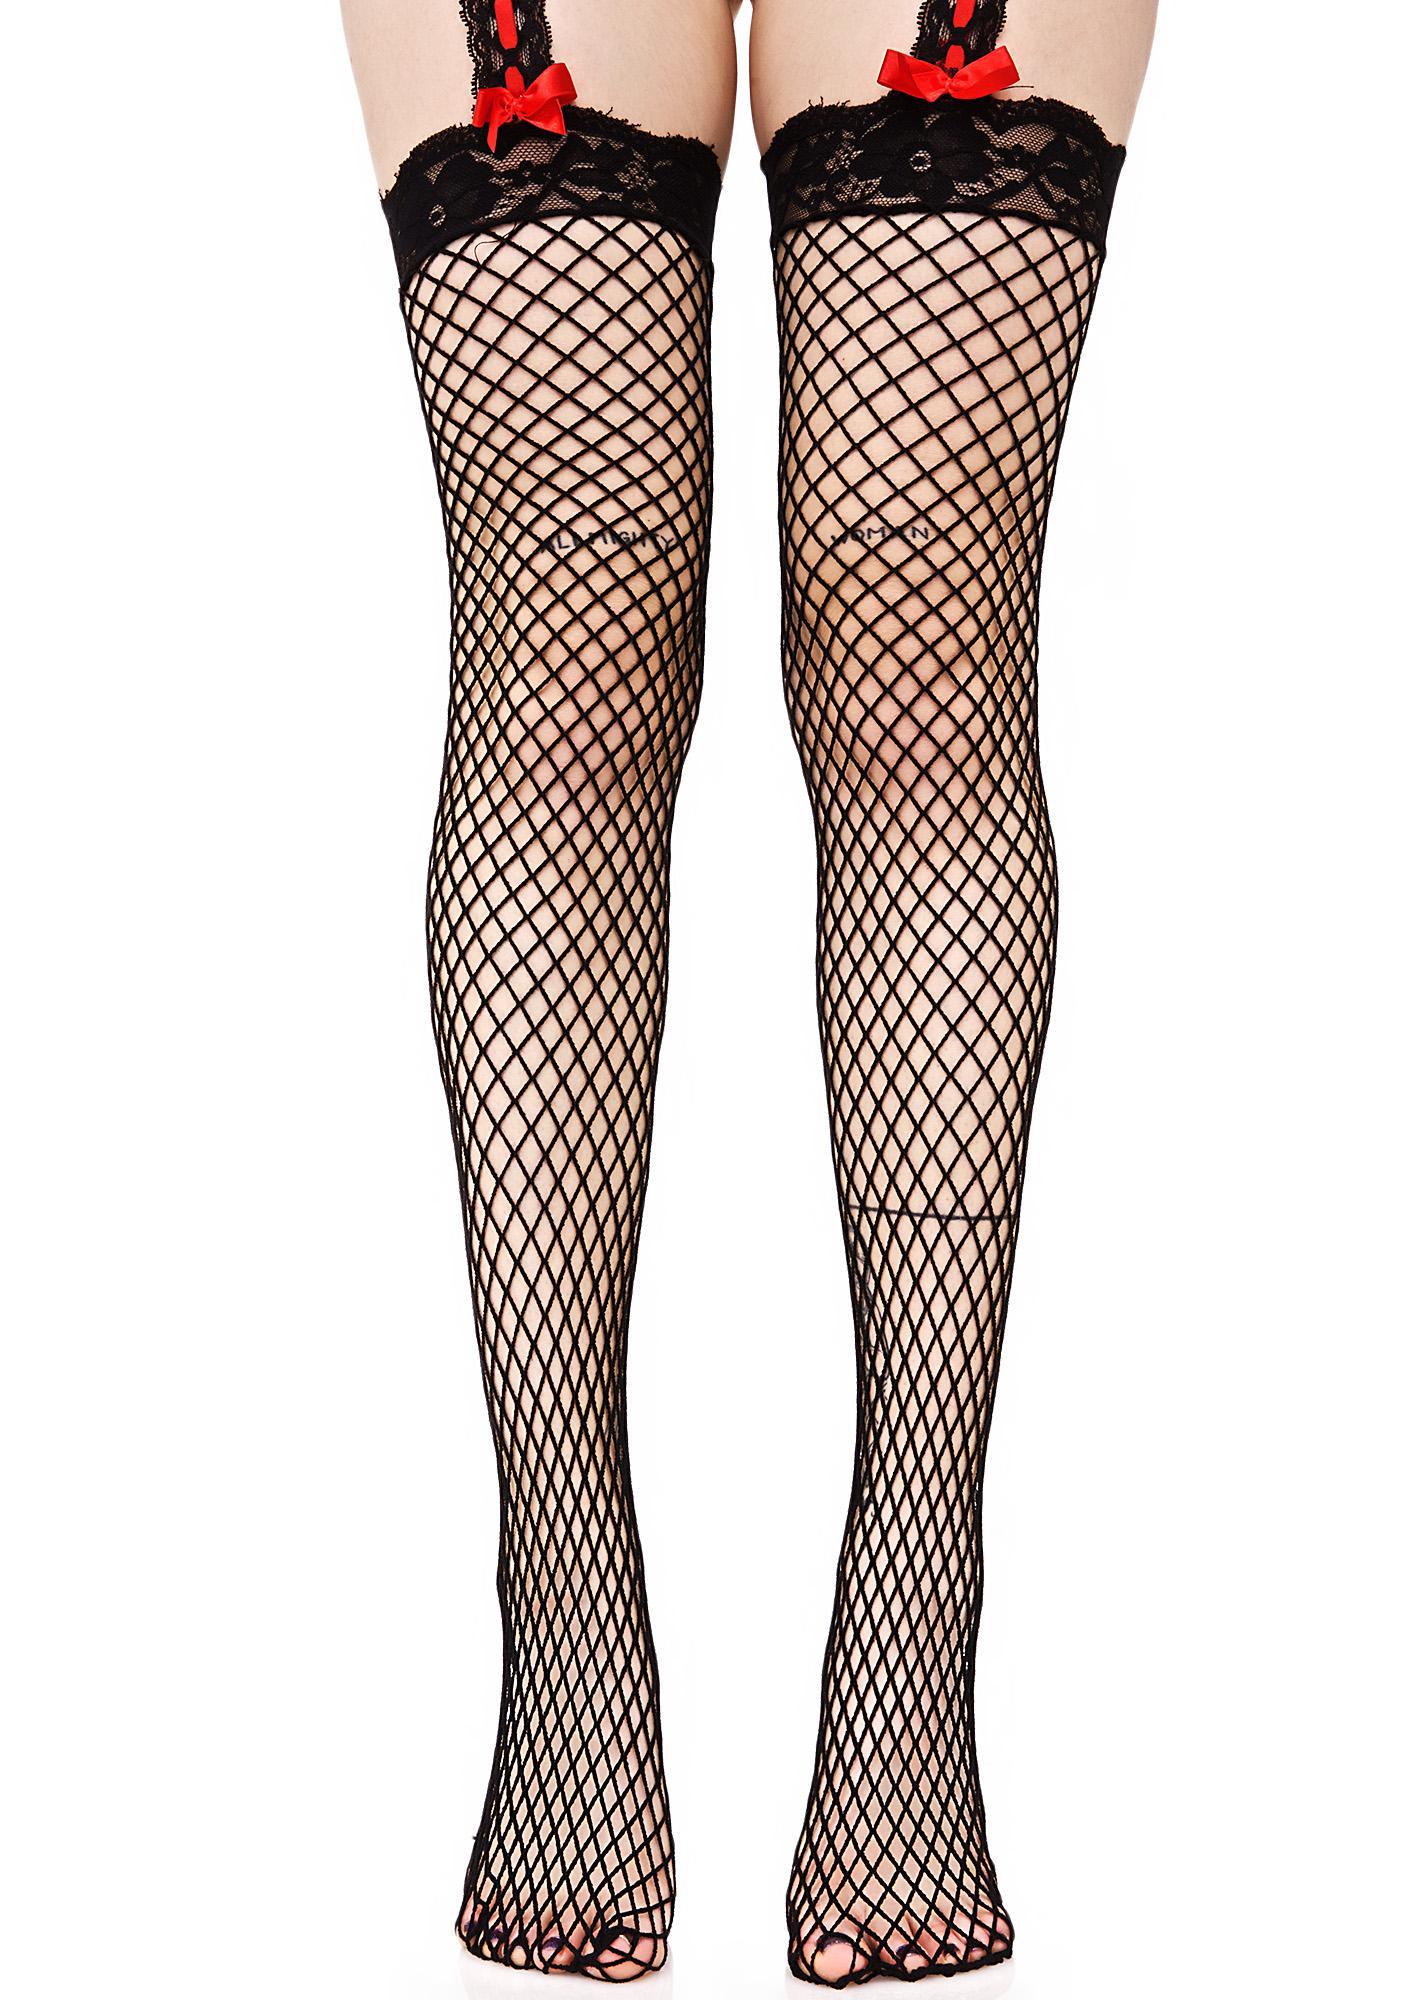 Taste of Sin Fishnet Garter Stockings